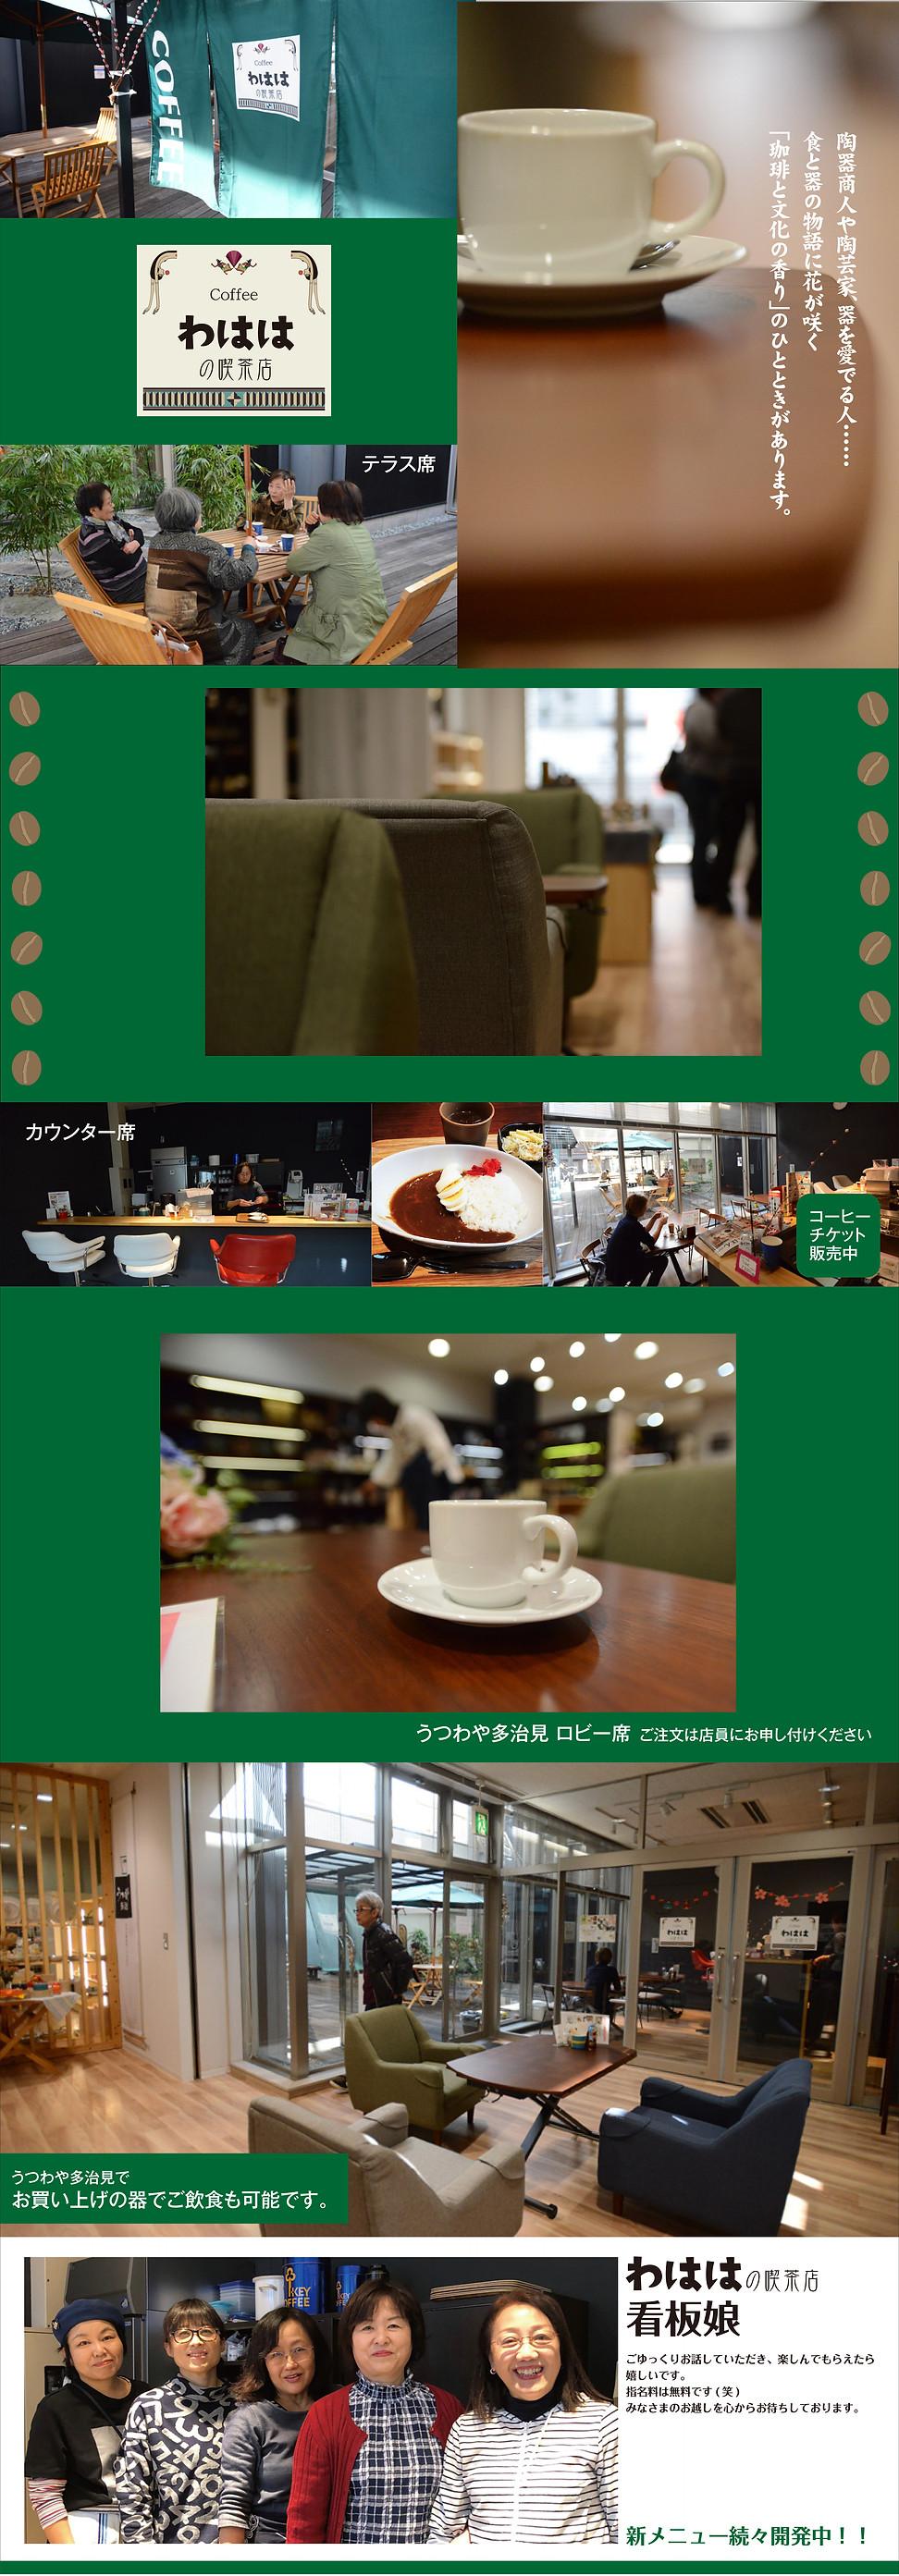 わははの喫茶店1ol.jpg